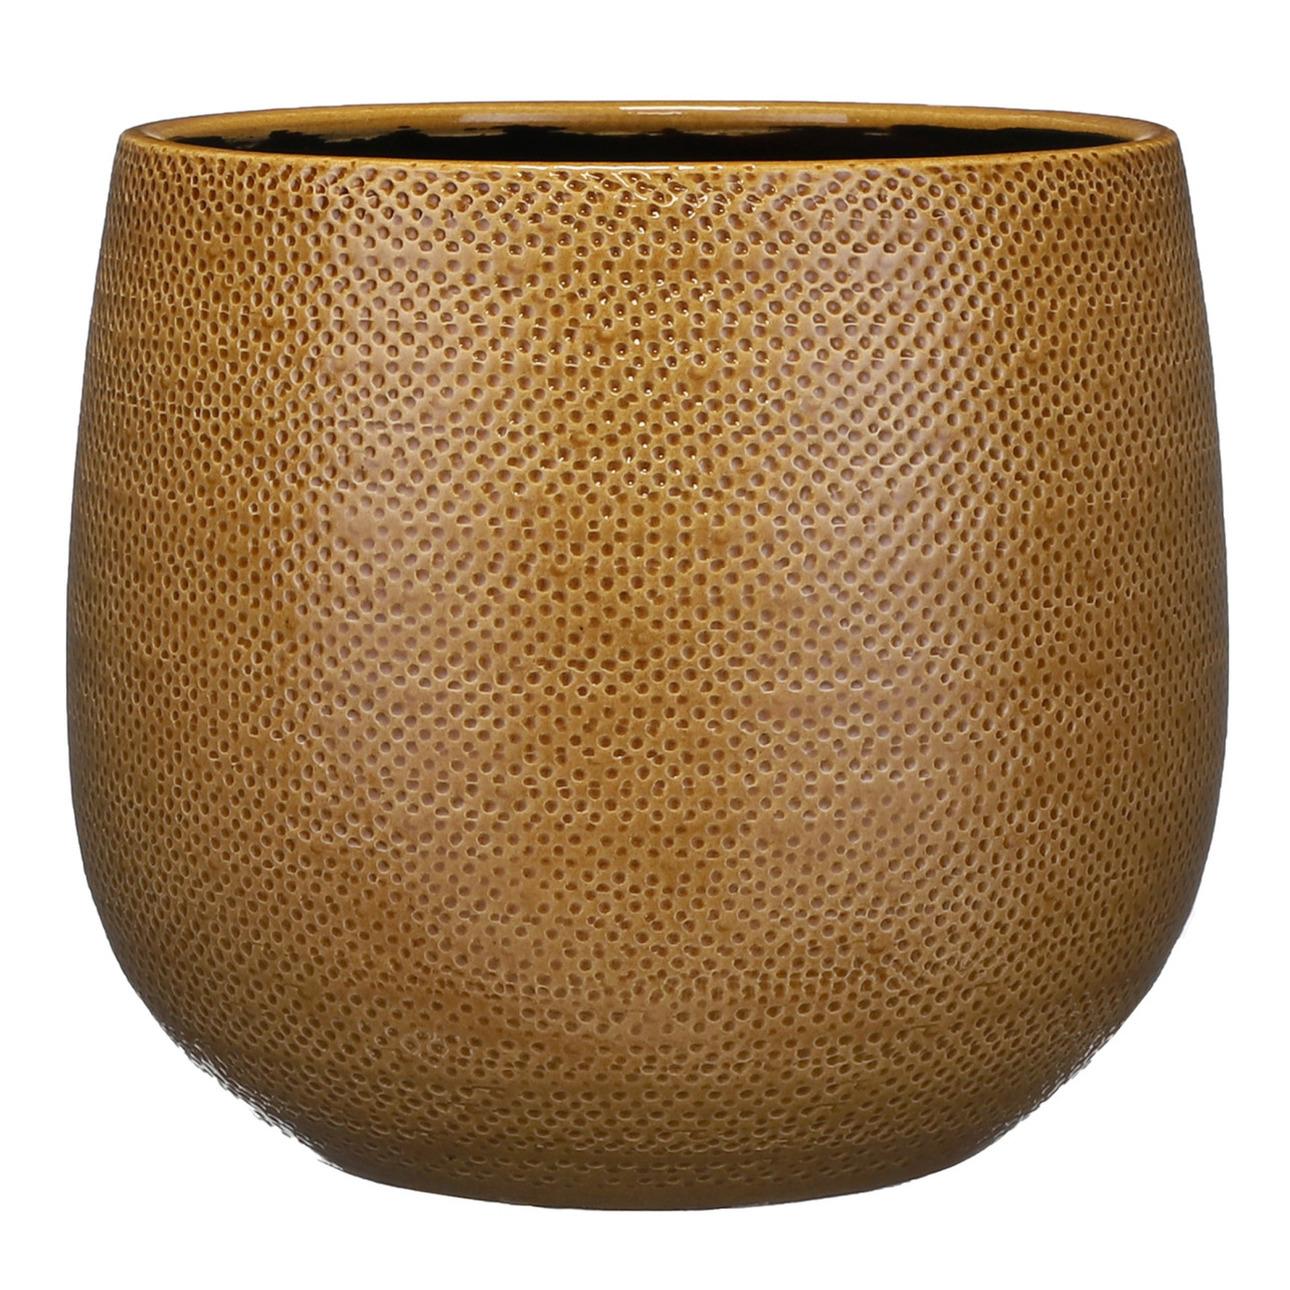 Bloempot okergeel ribbels keramiek voor kamerplant H25 x D29 cm -